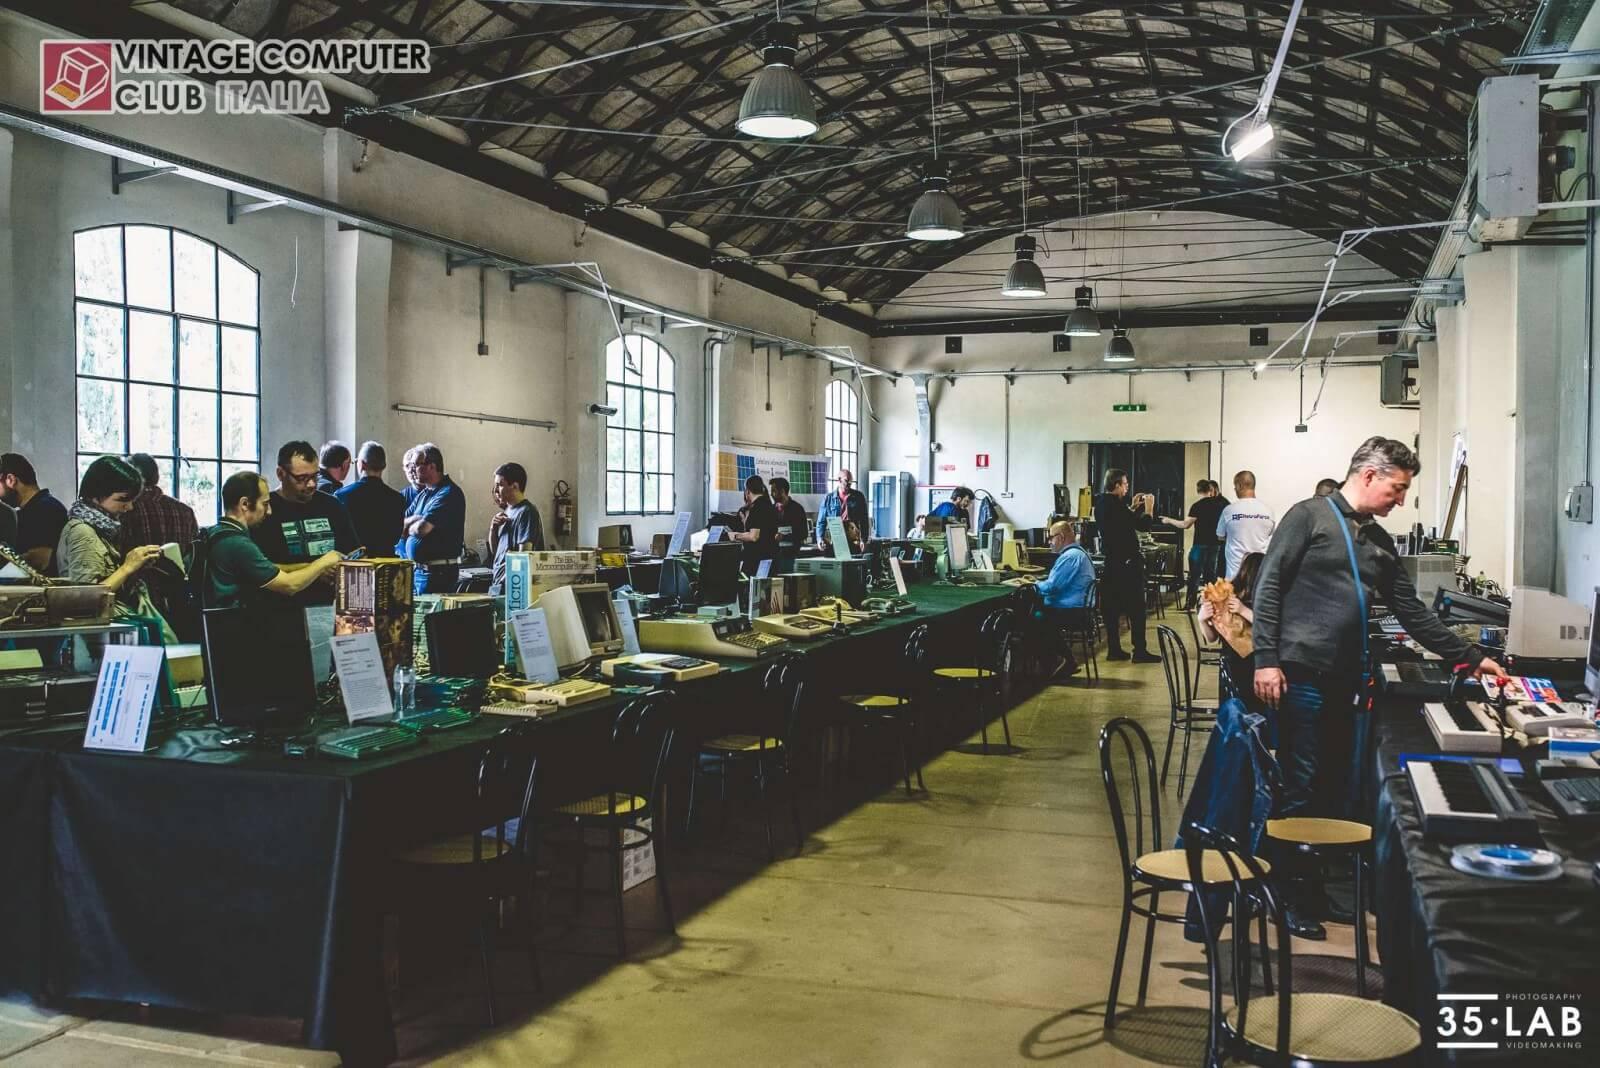 MMN collabora e partecipa al Vintage Computer Festival Italia 2019